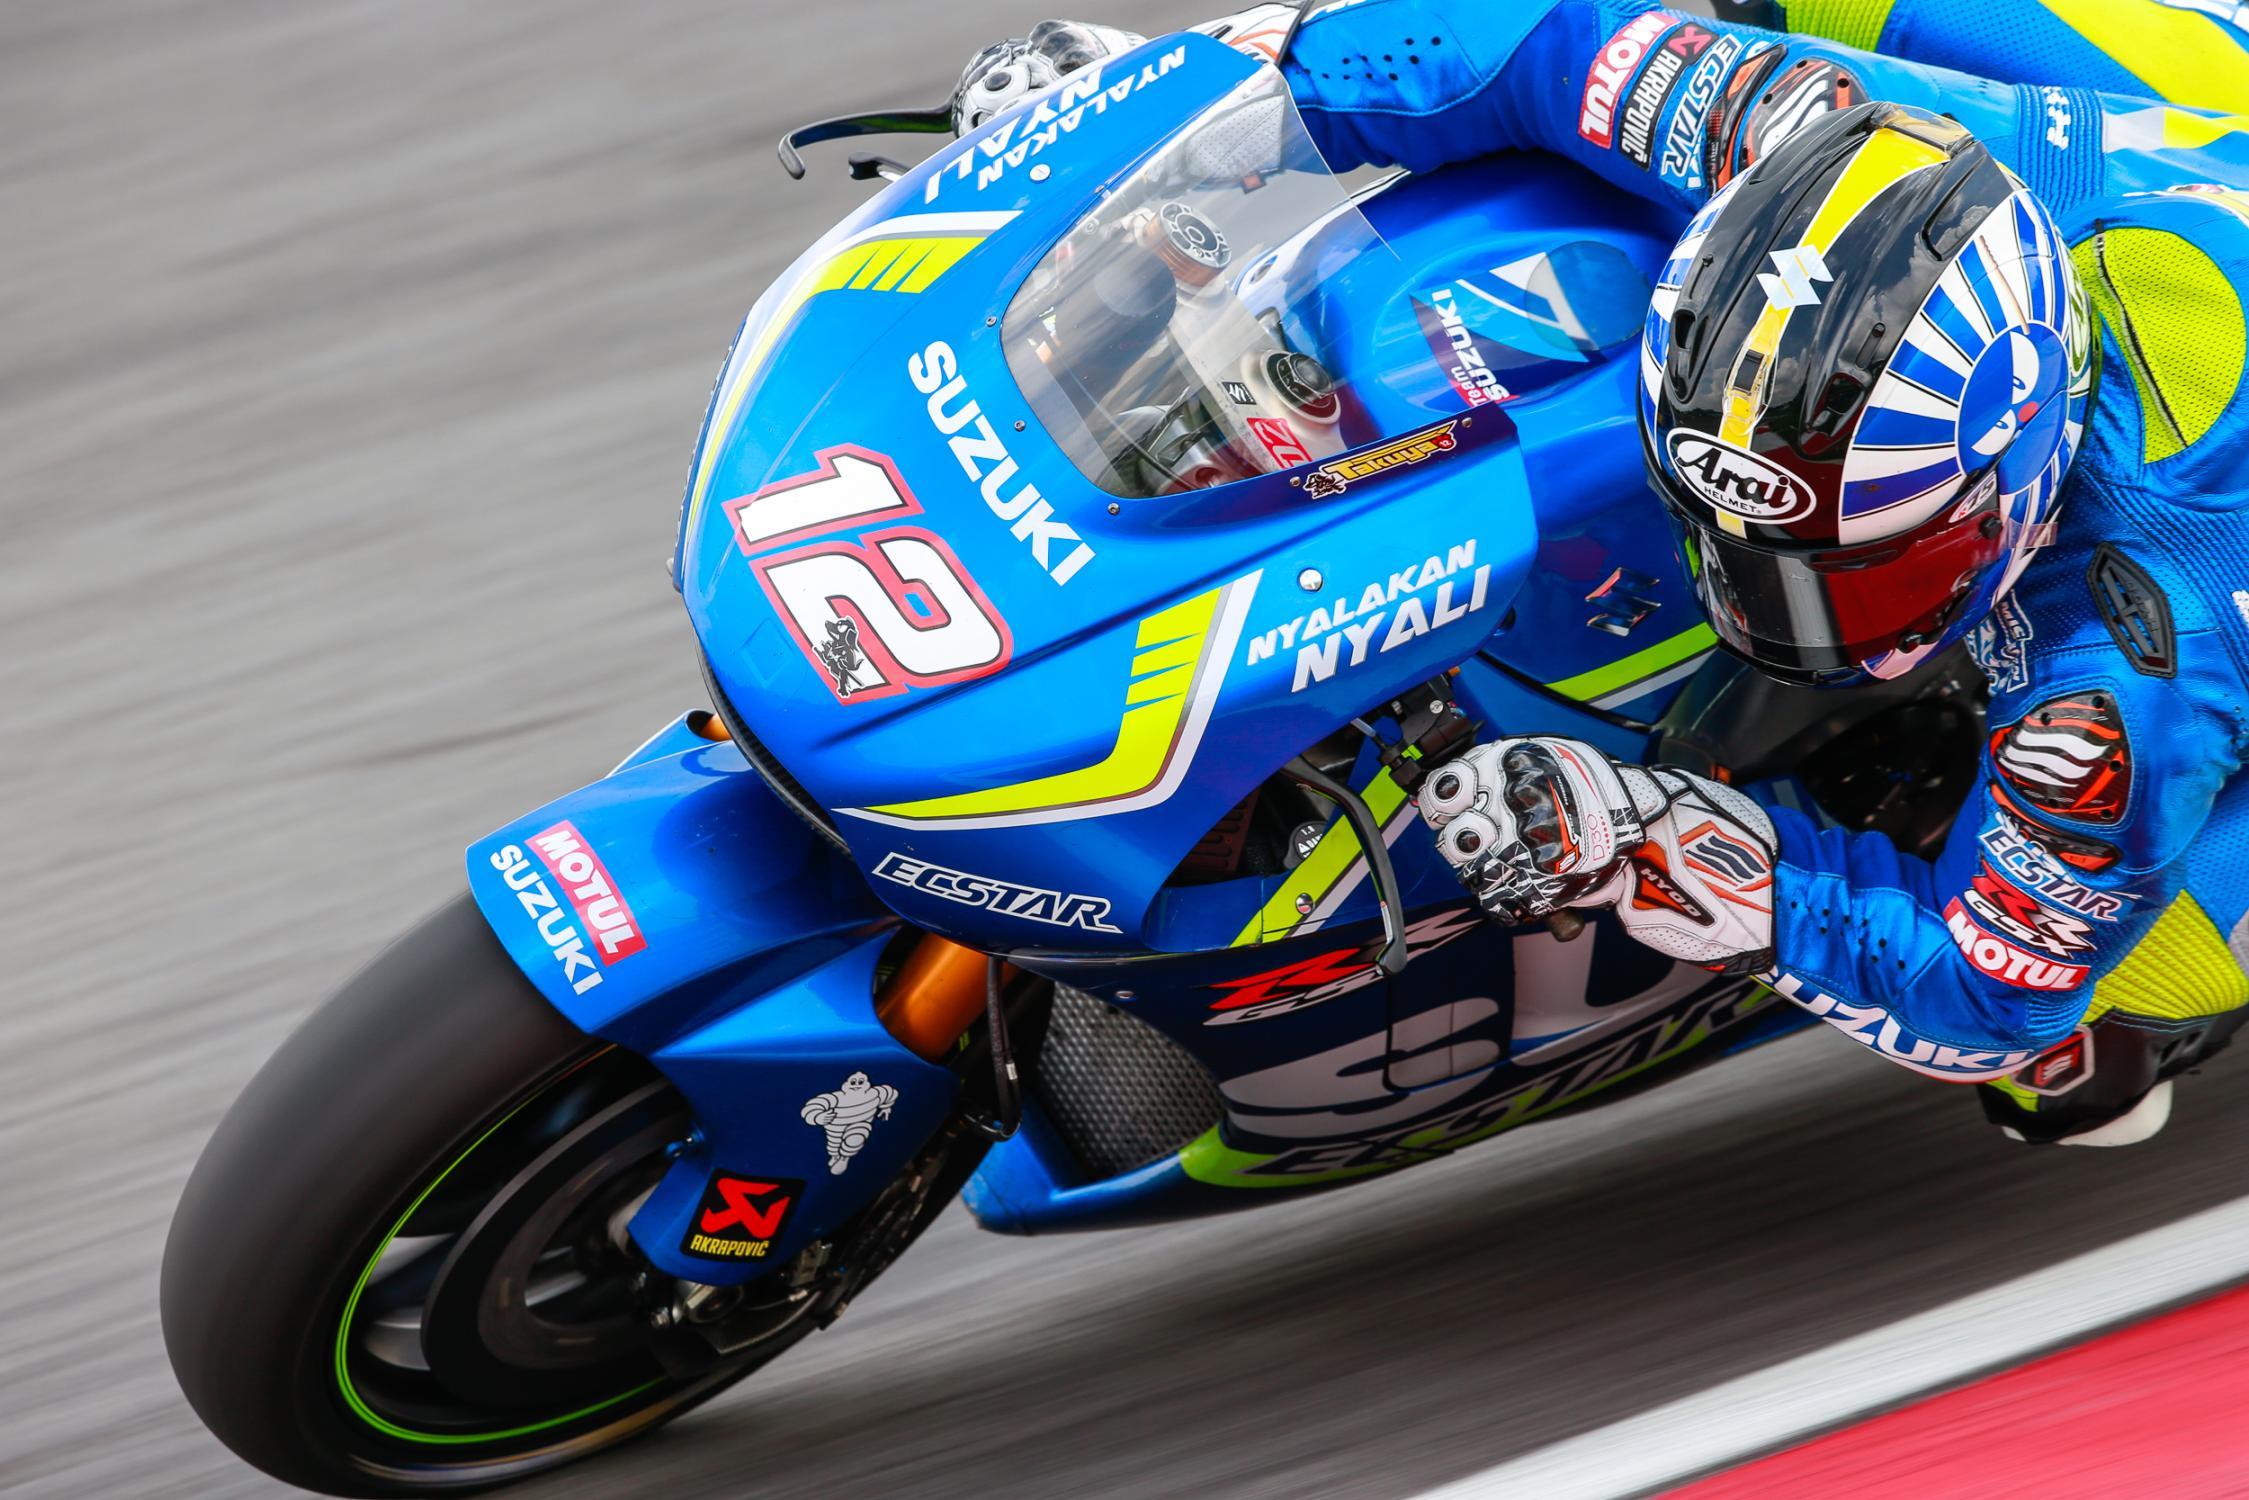 [MotoGP] Test Sepang _gp_8157.gallery_full_top_fullscreen